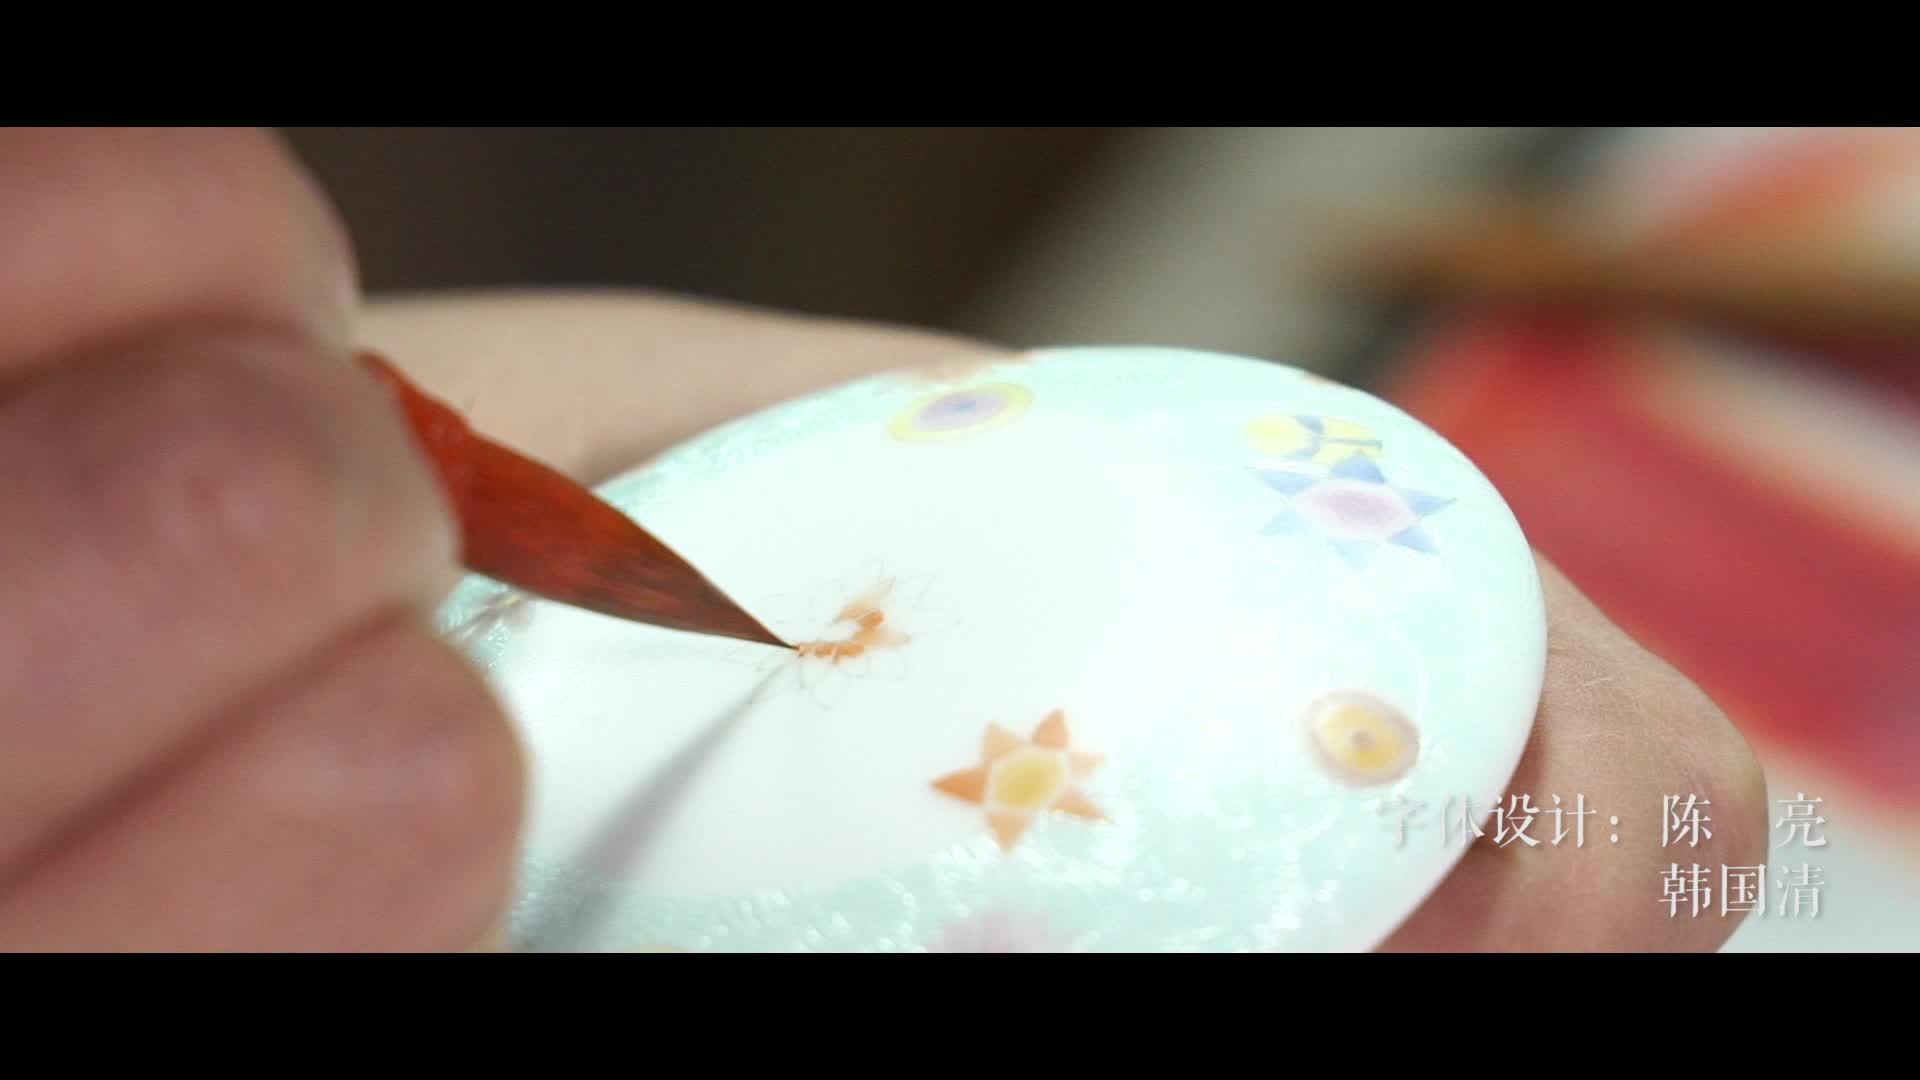 4k《守艺中国之景德镇篇》扒花匠人张立:粉彩扒花--针尖儿的艺术